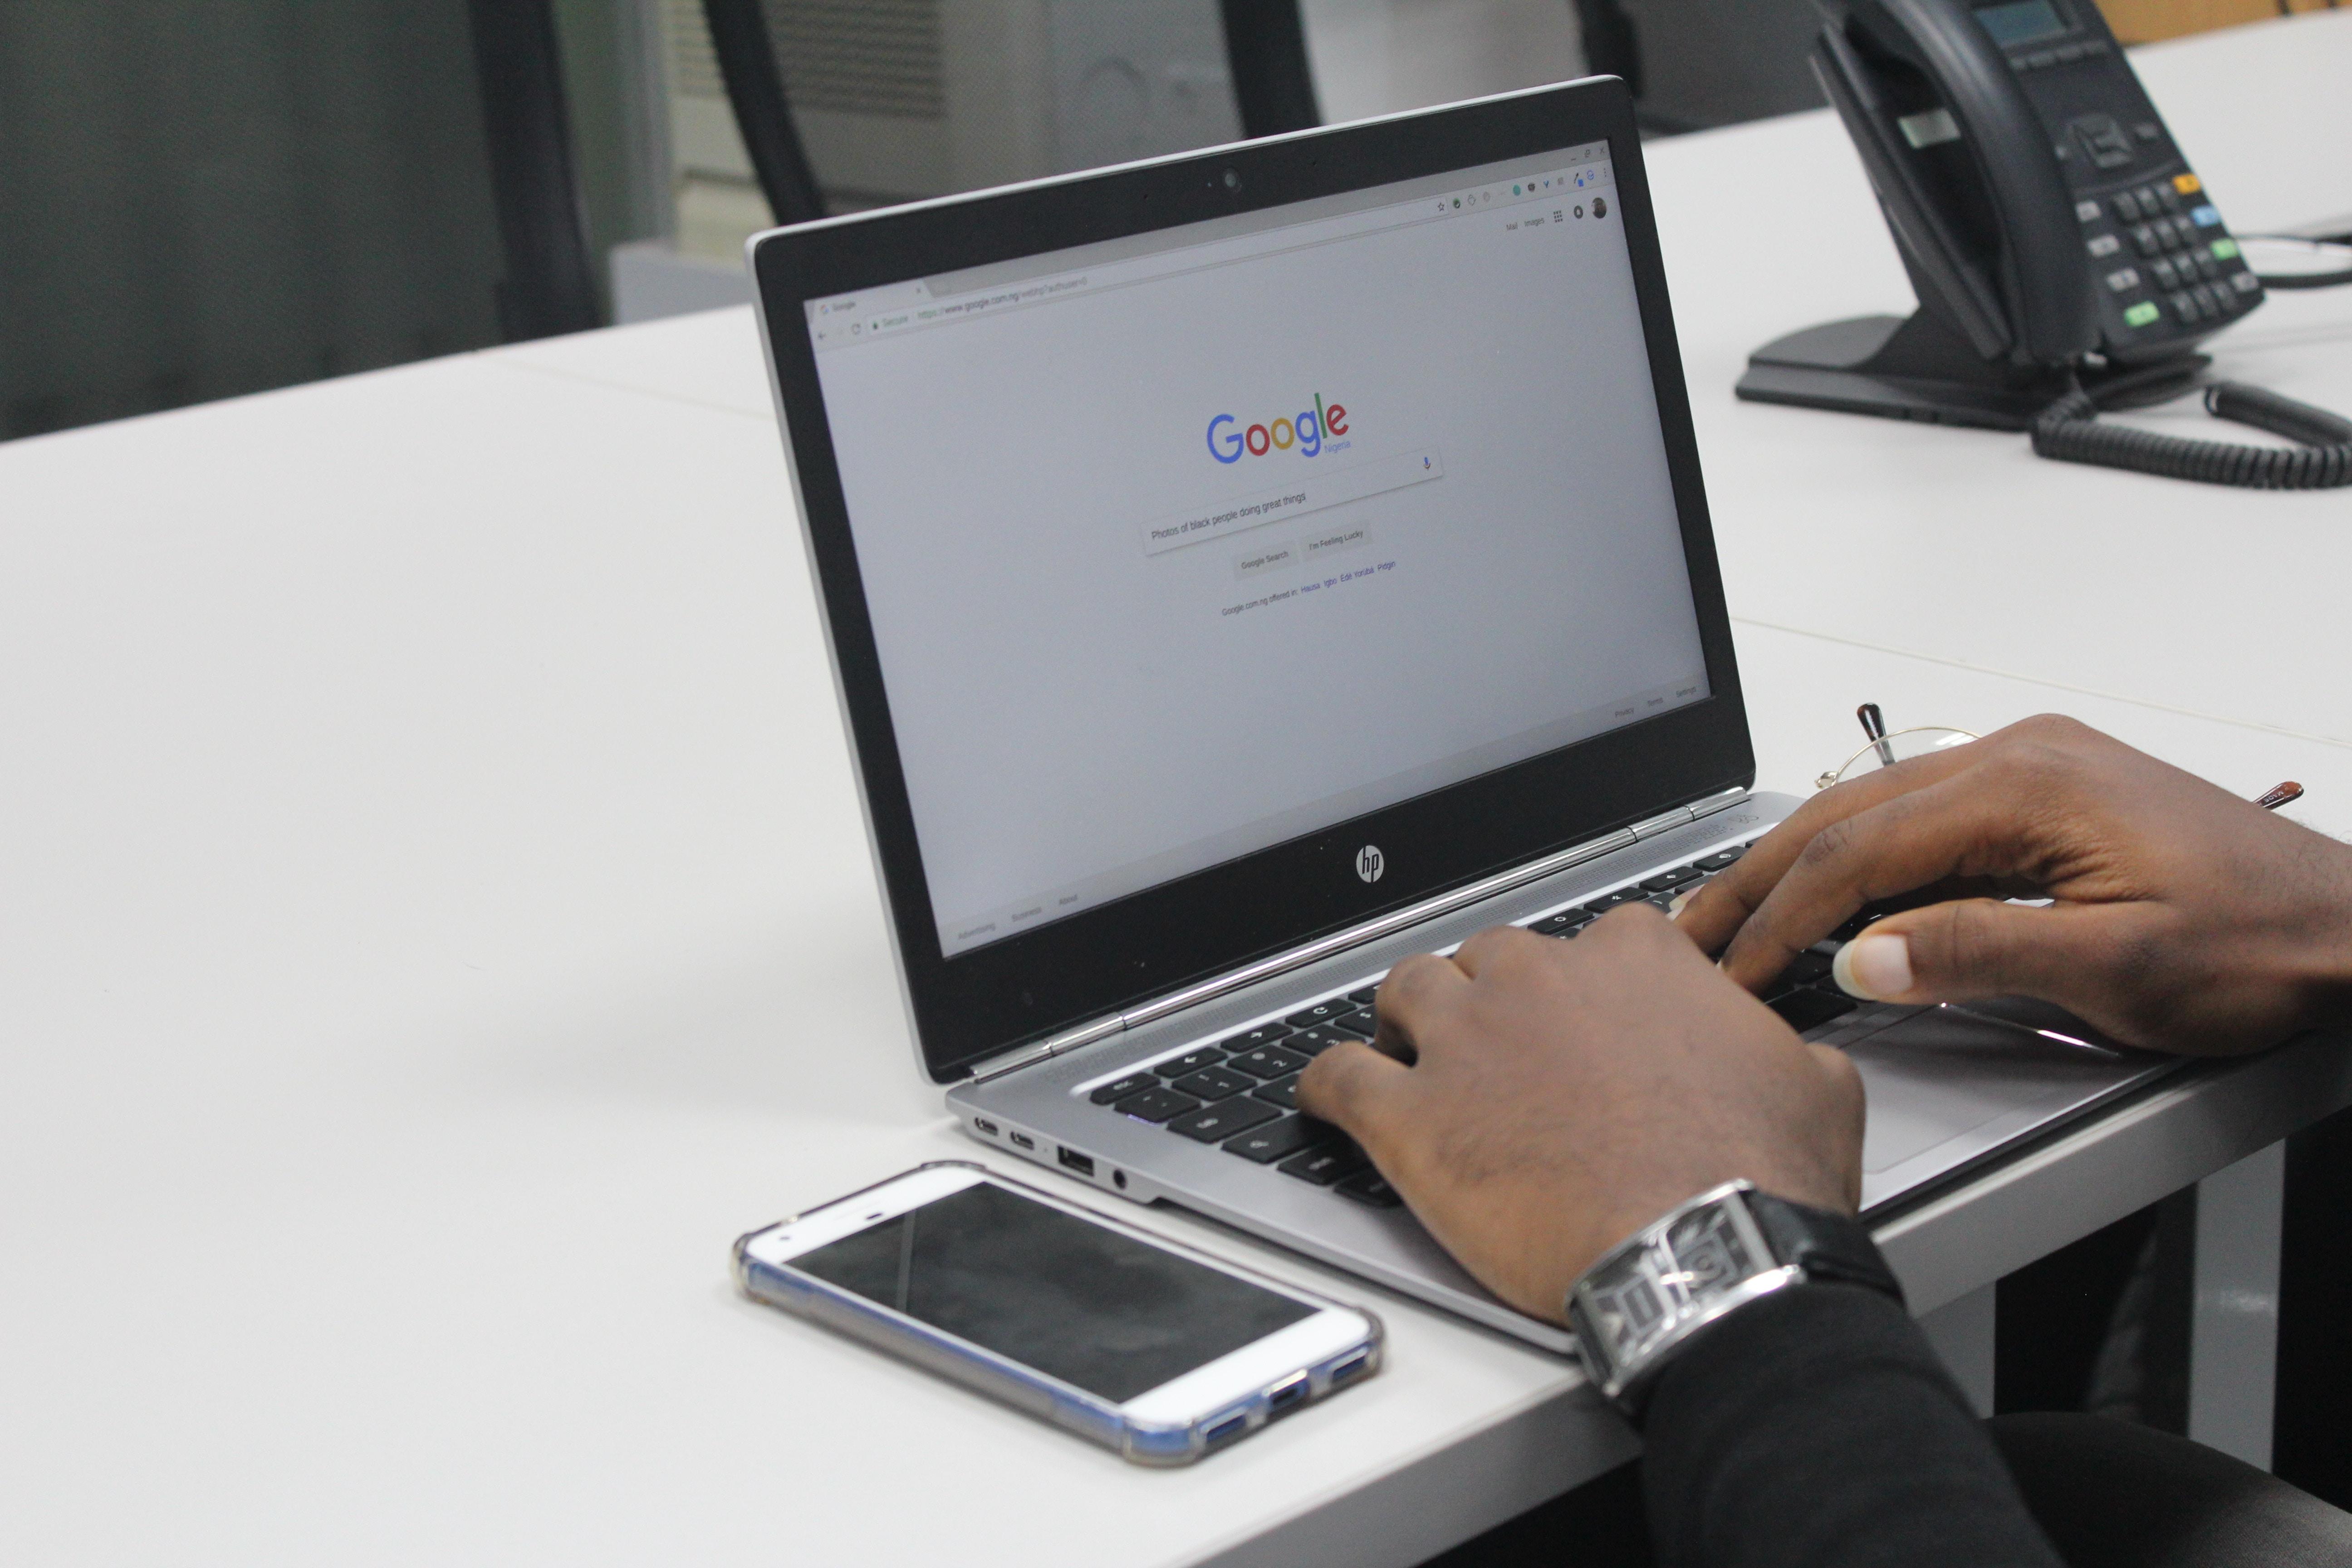 パソコンでGoogleを検索